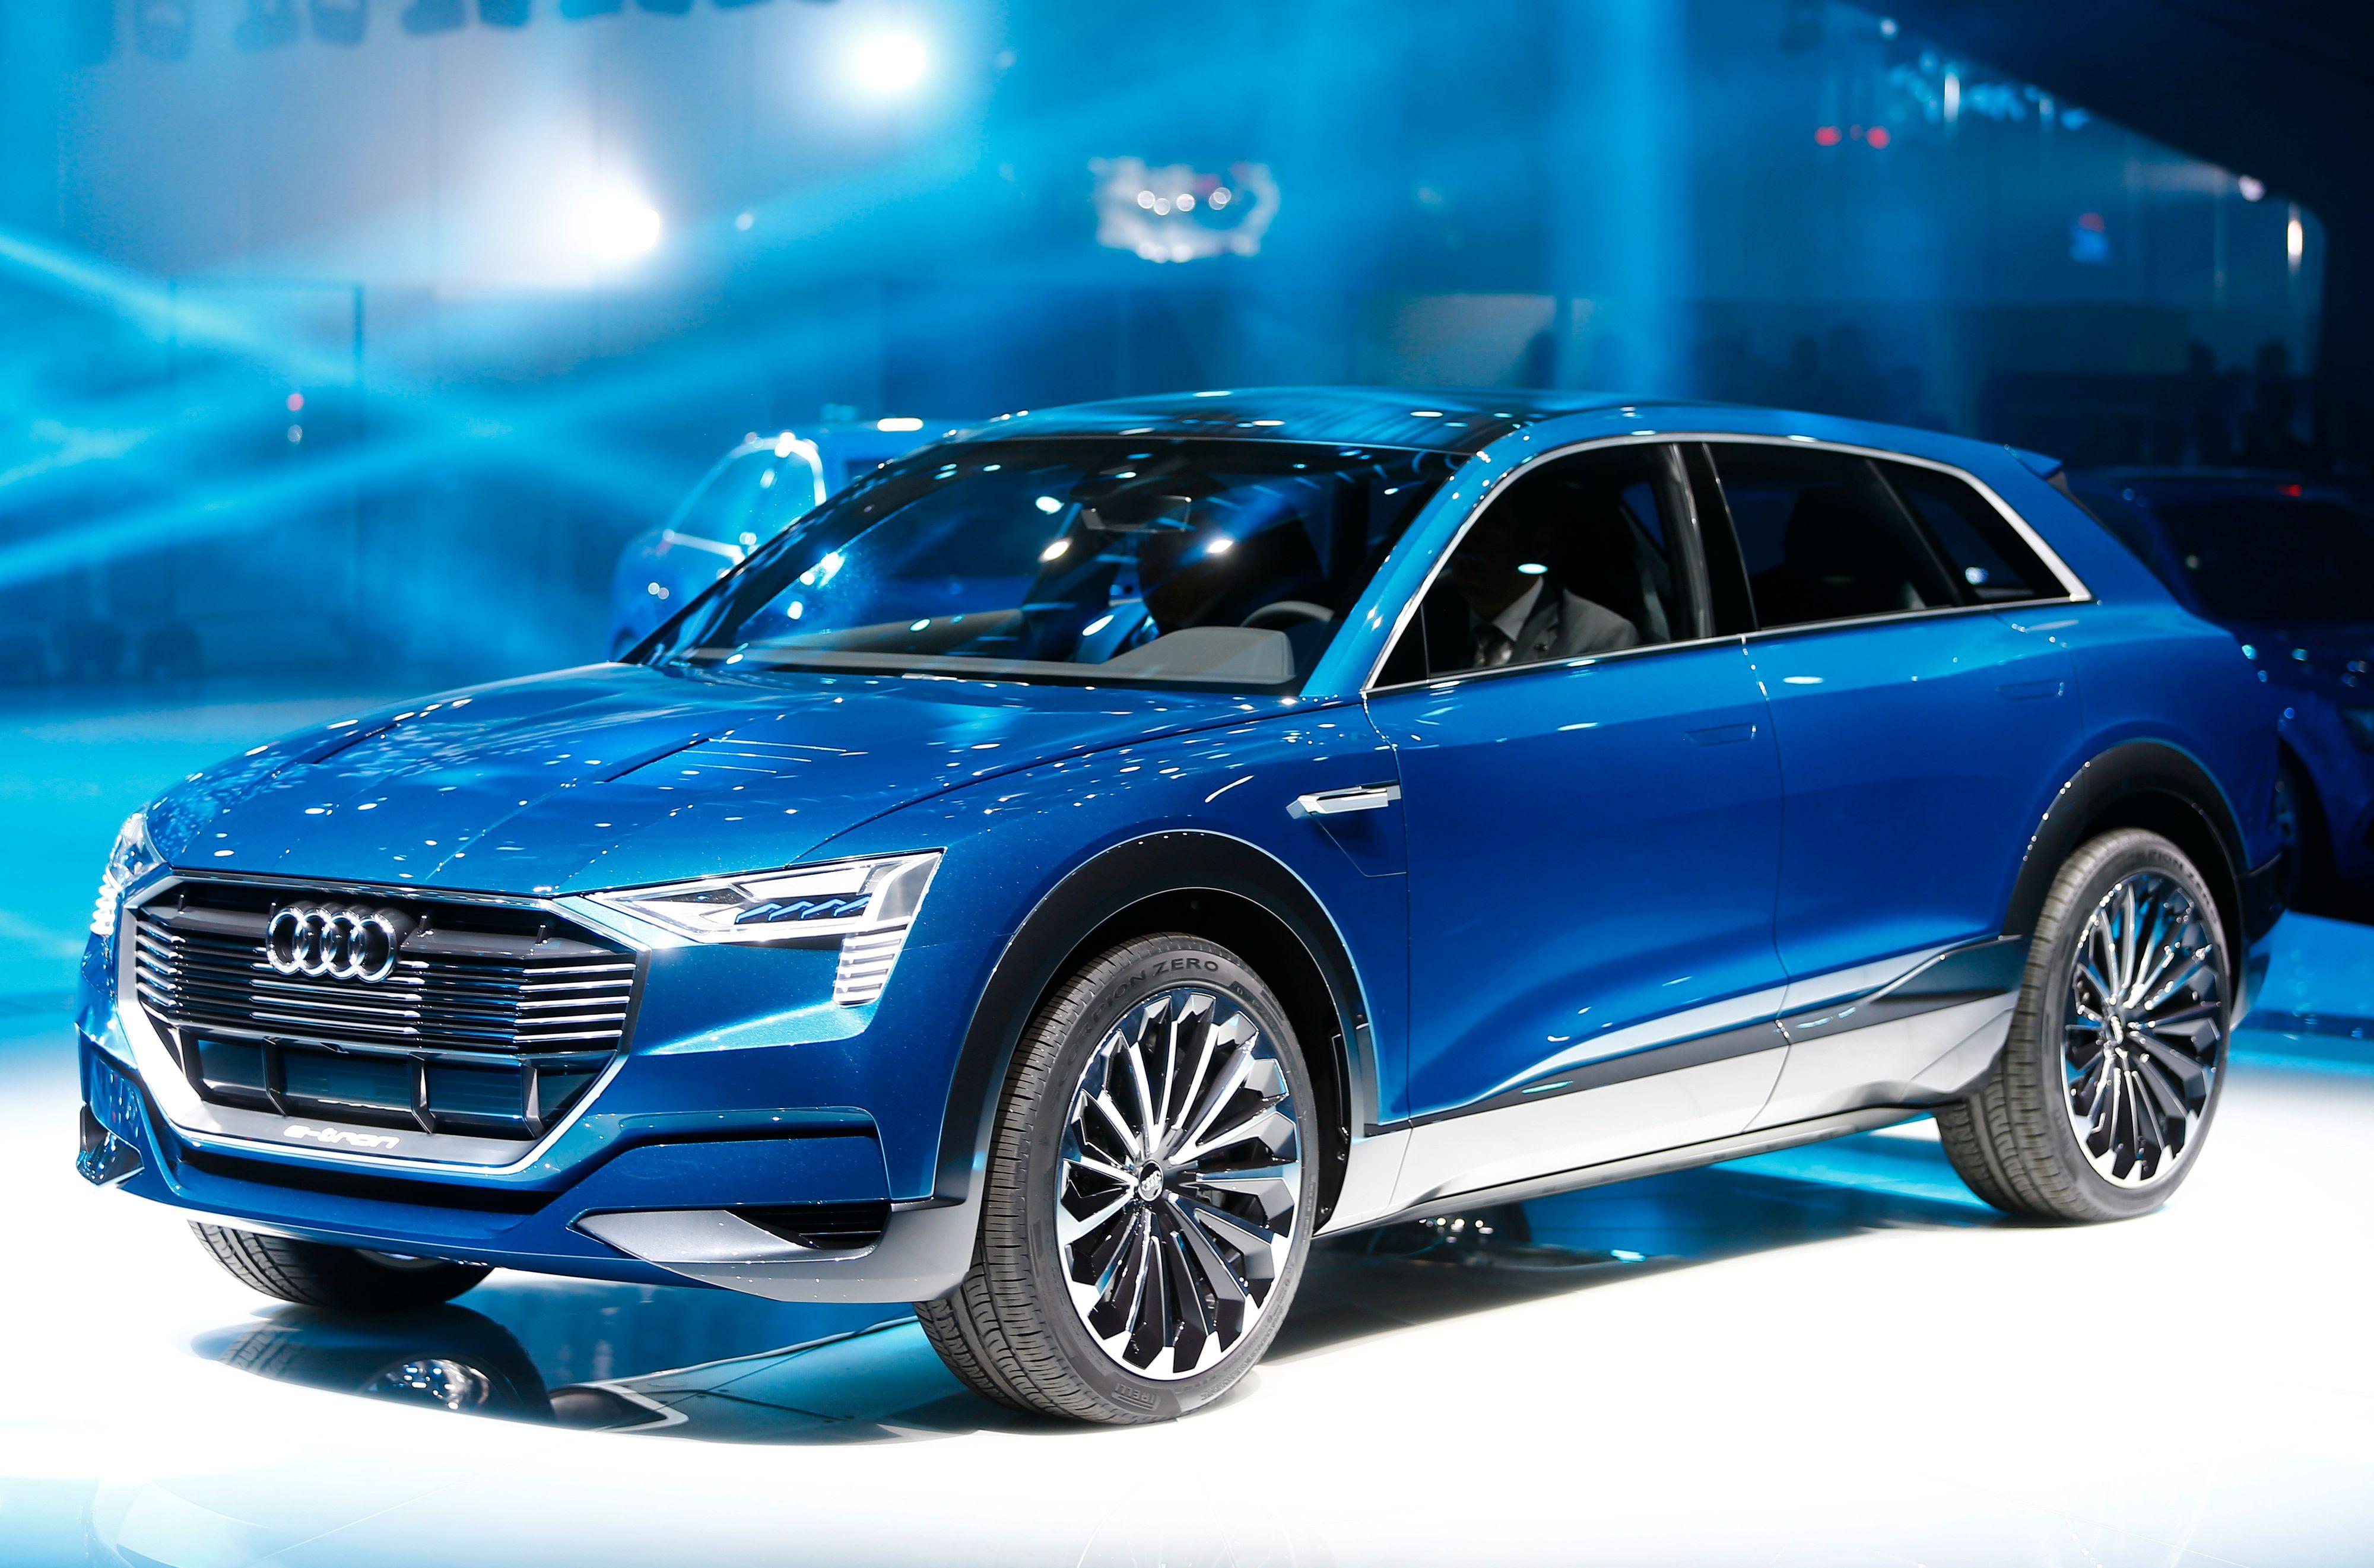 Audi e-tron Quattro-konseptet ble først presentert i Frankfurt i 2015.